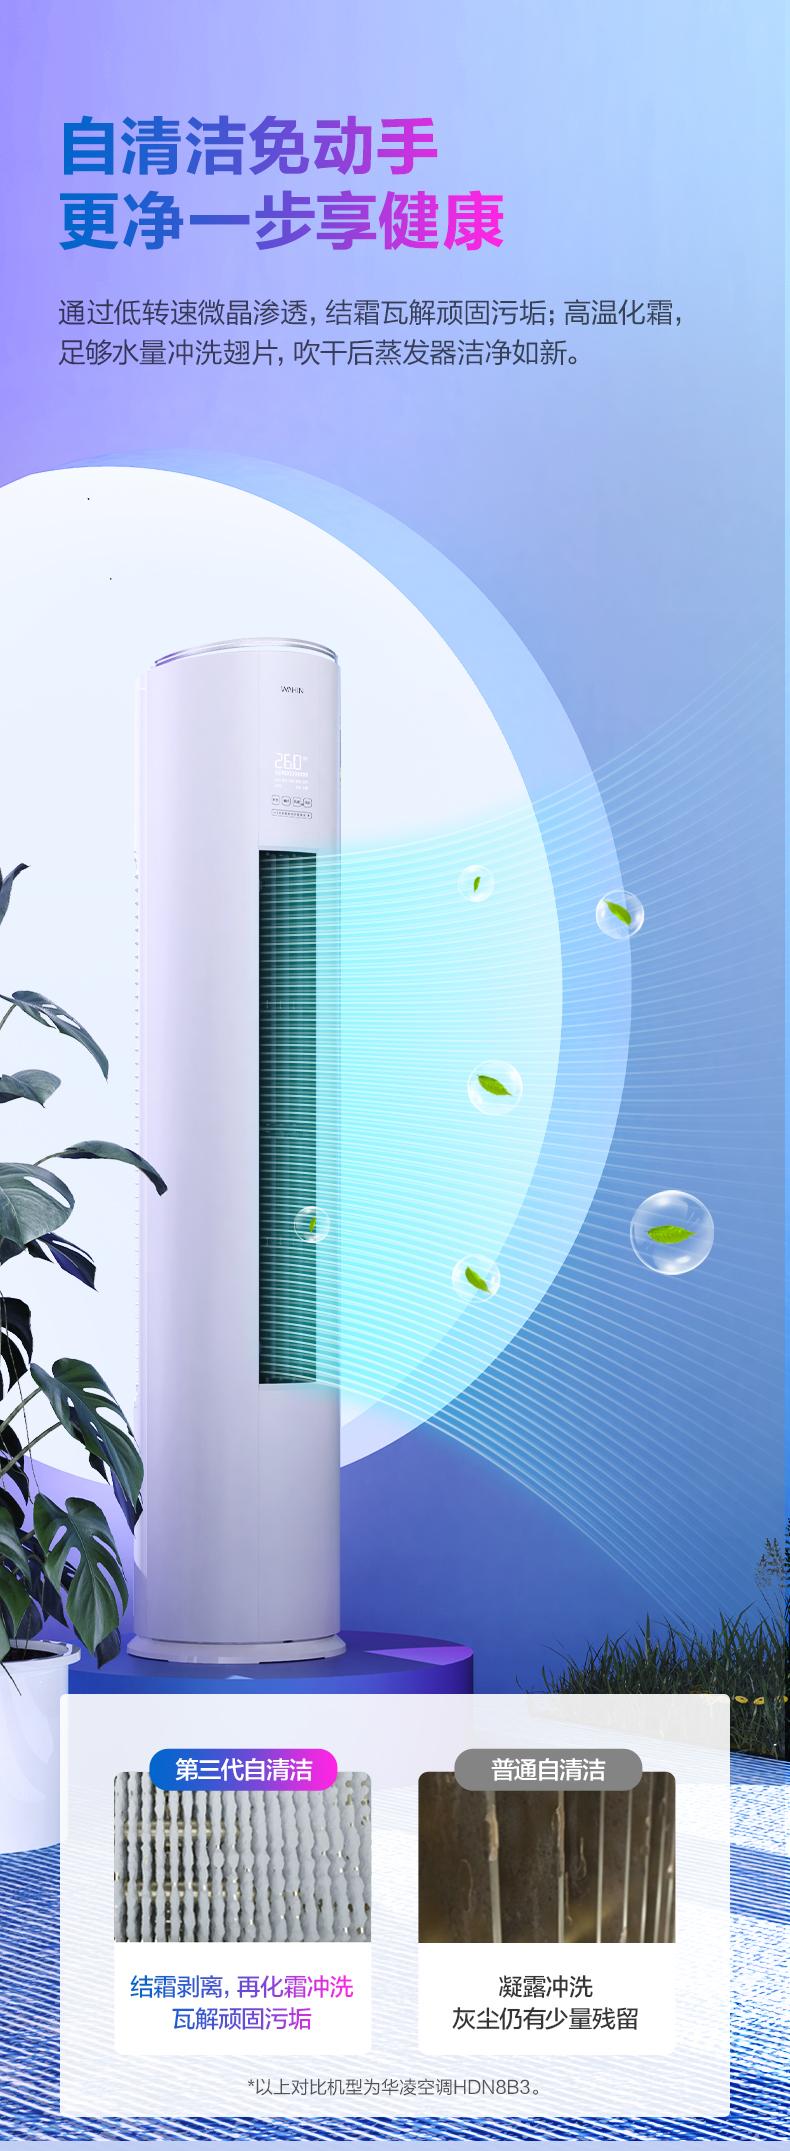 【美的集团出品】新变频冷暖大2匹3匹华凌空调柜机 手机智能 客厅立柜式空调 2匹KFR-51LW/N8HF3